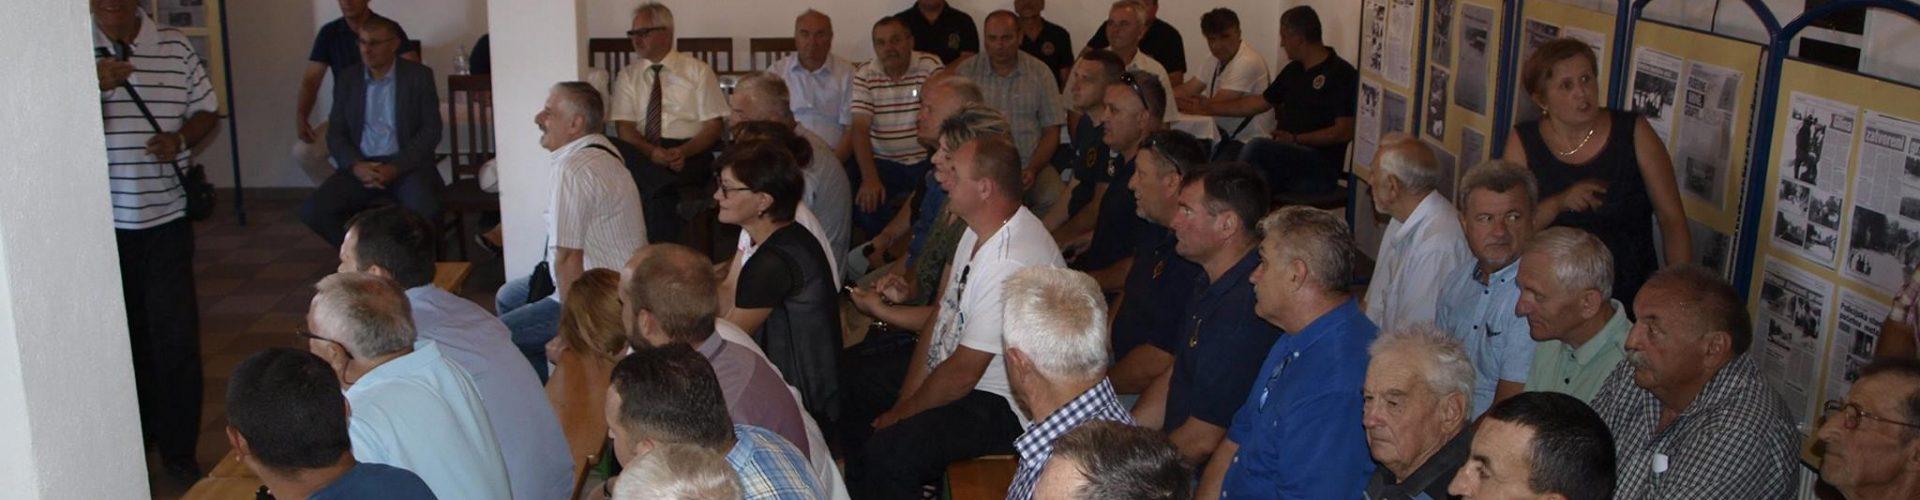 """Održan okrugli stol """"Uloga novinara u Domovinskom ratu"""" u domu Udruge Jukinac"""